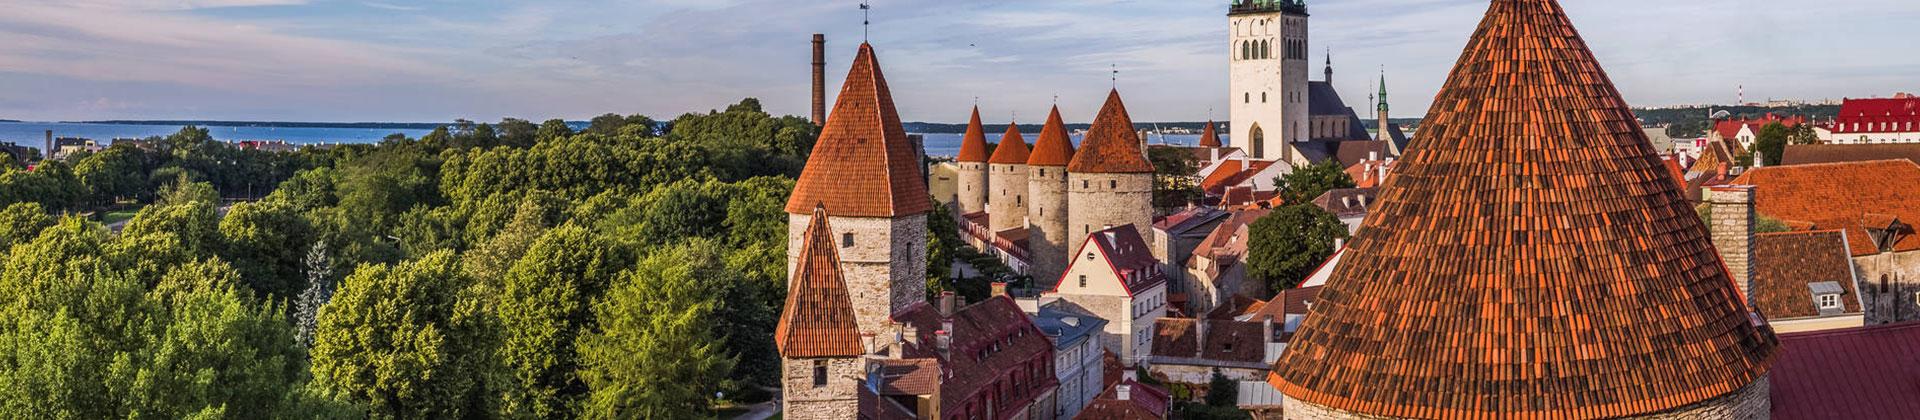 Tornid Ja Linnamuur